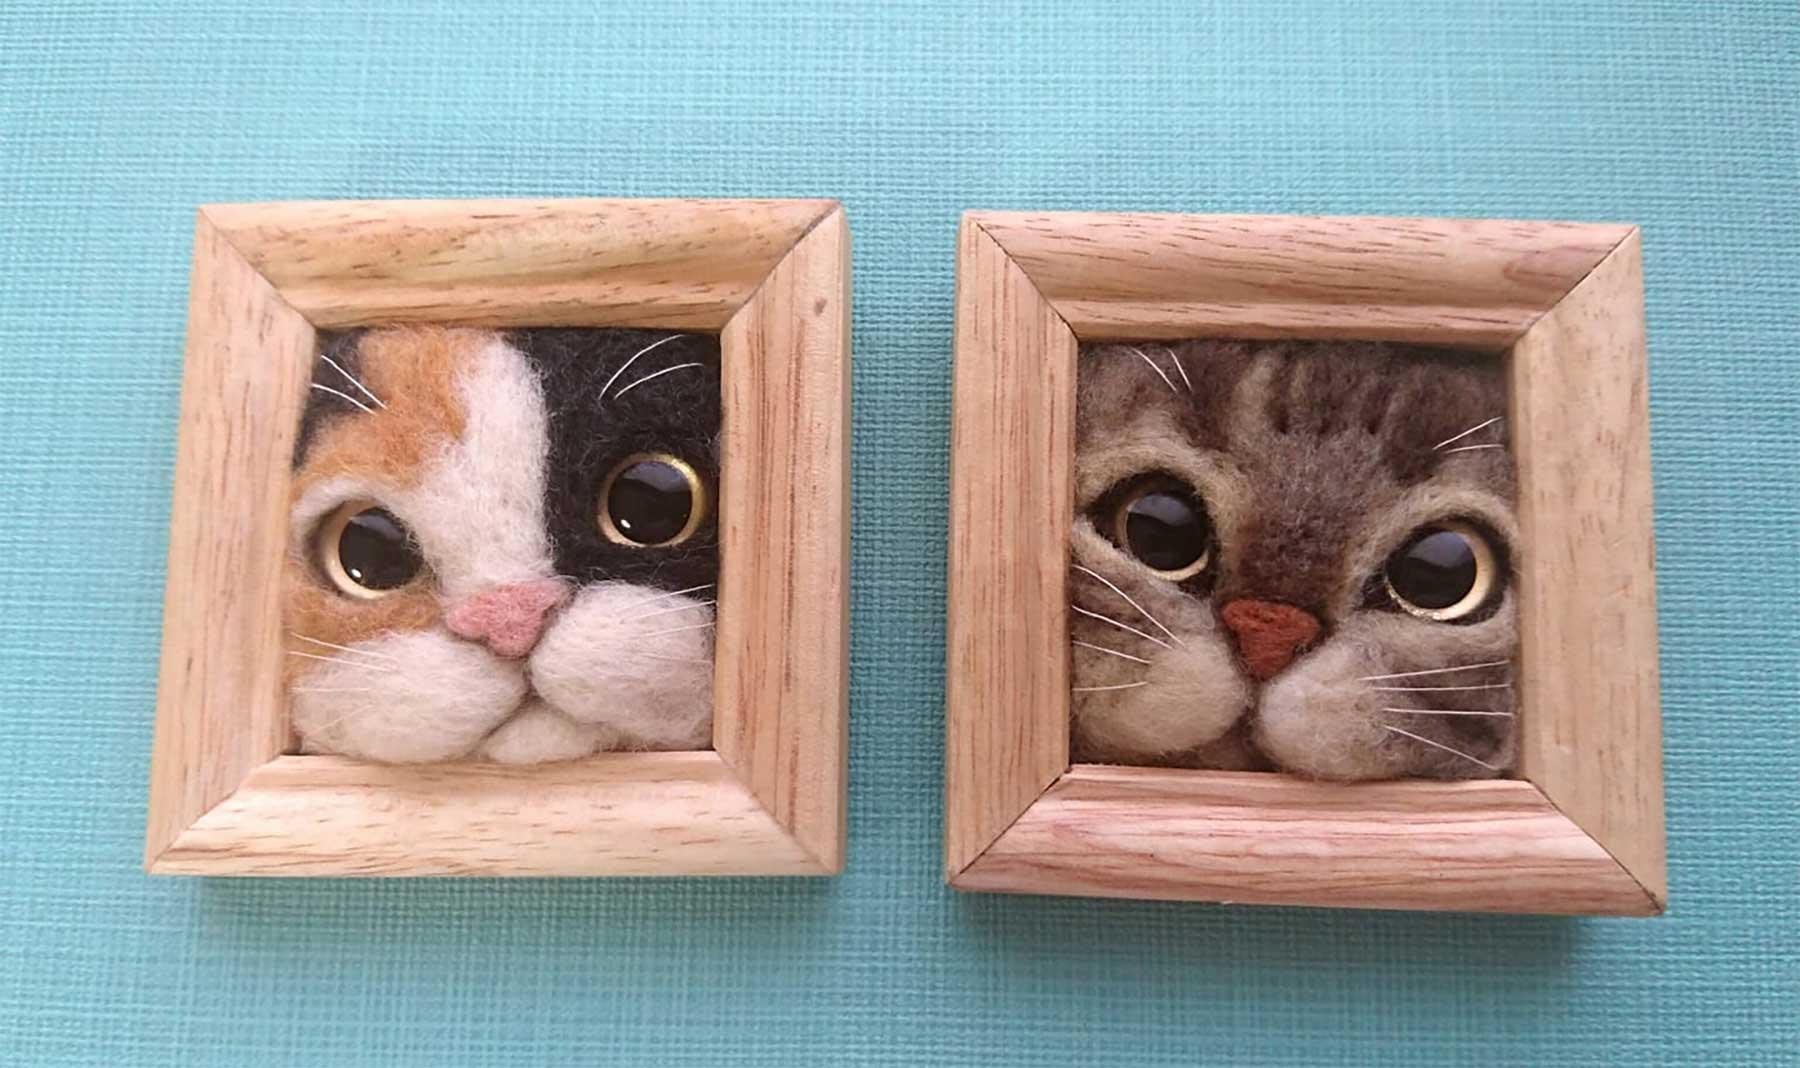 Süße Filz-Katzen von Fujita Satomi Fujita-Satomi_filzfiguren_02